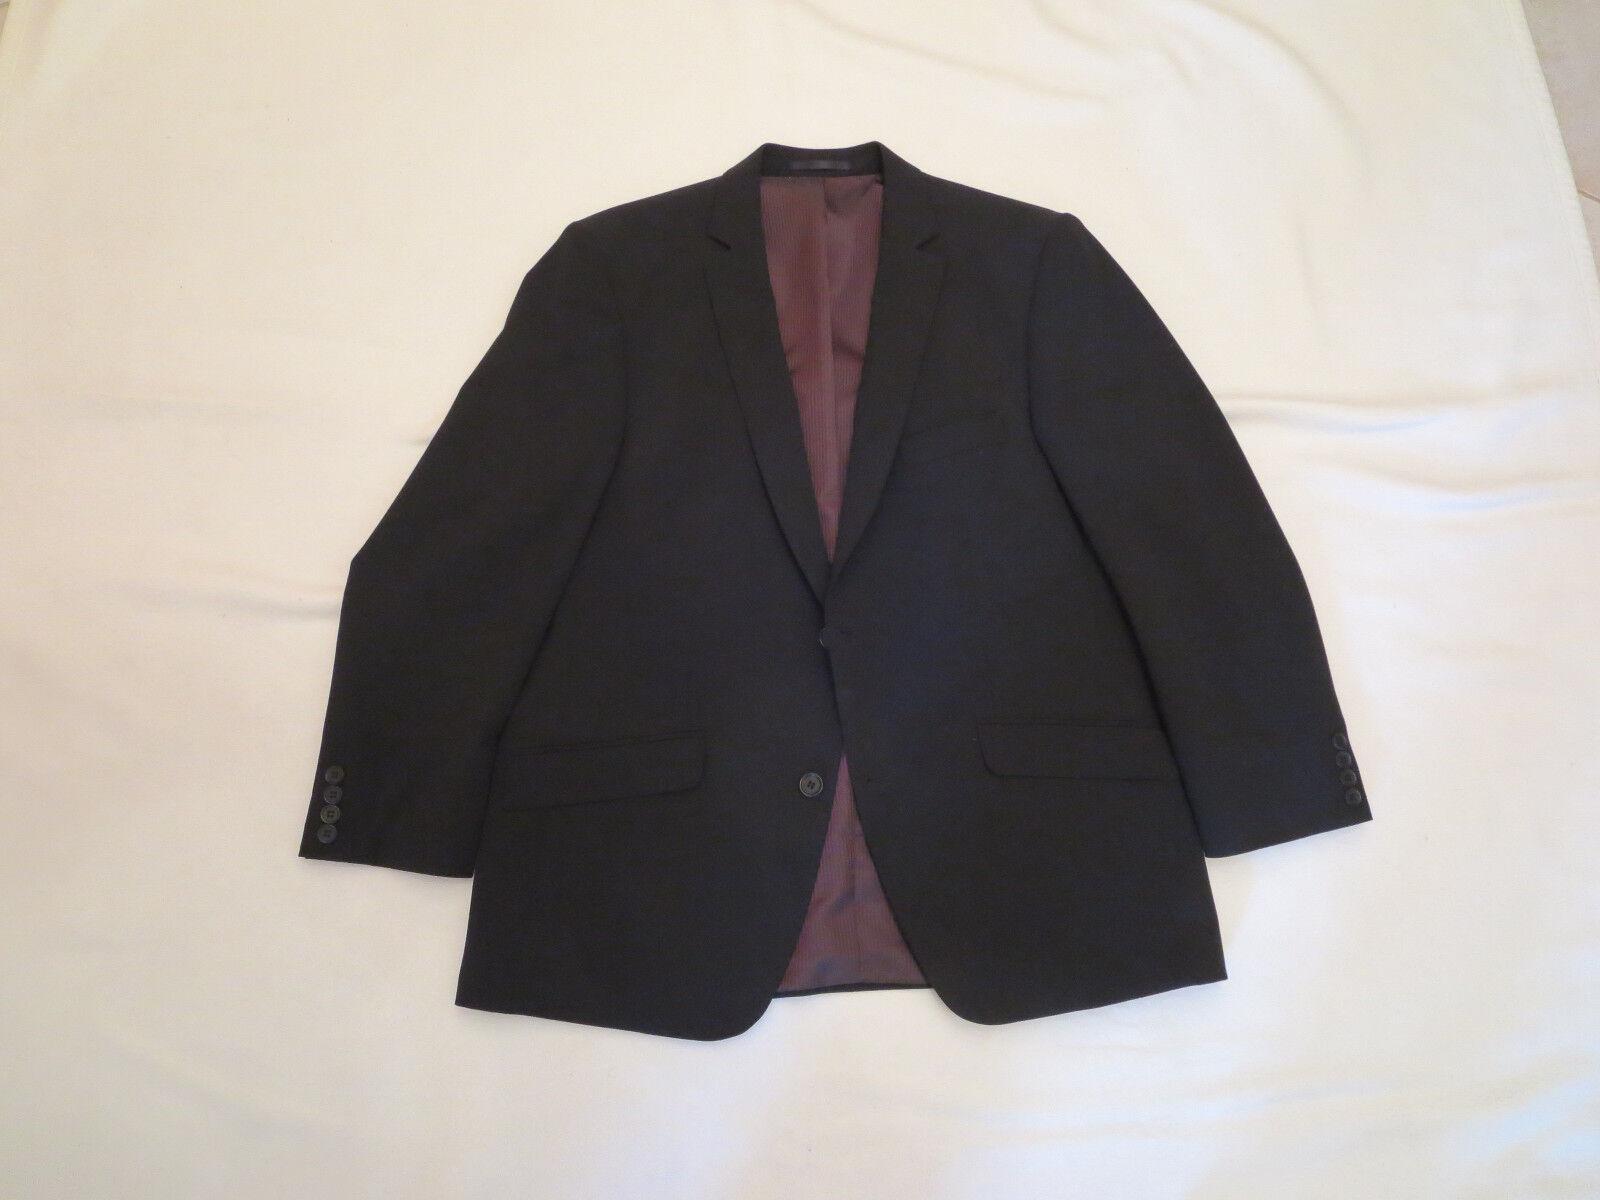 Schwarzer Anzug für Herren, Marke: Luigi Morini, Größe 24